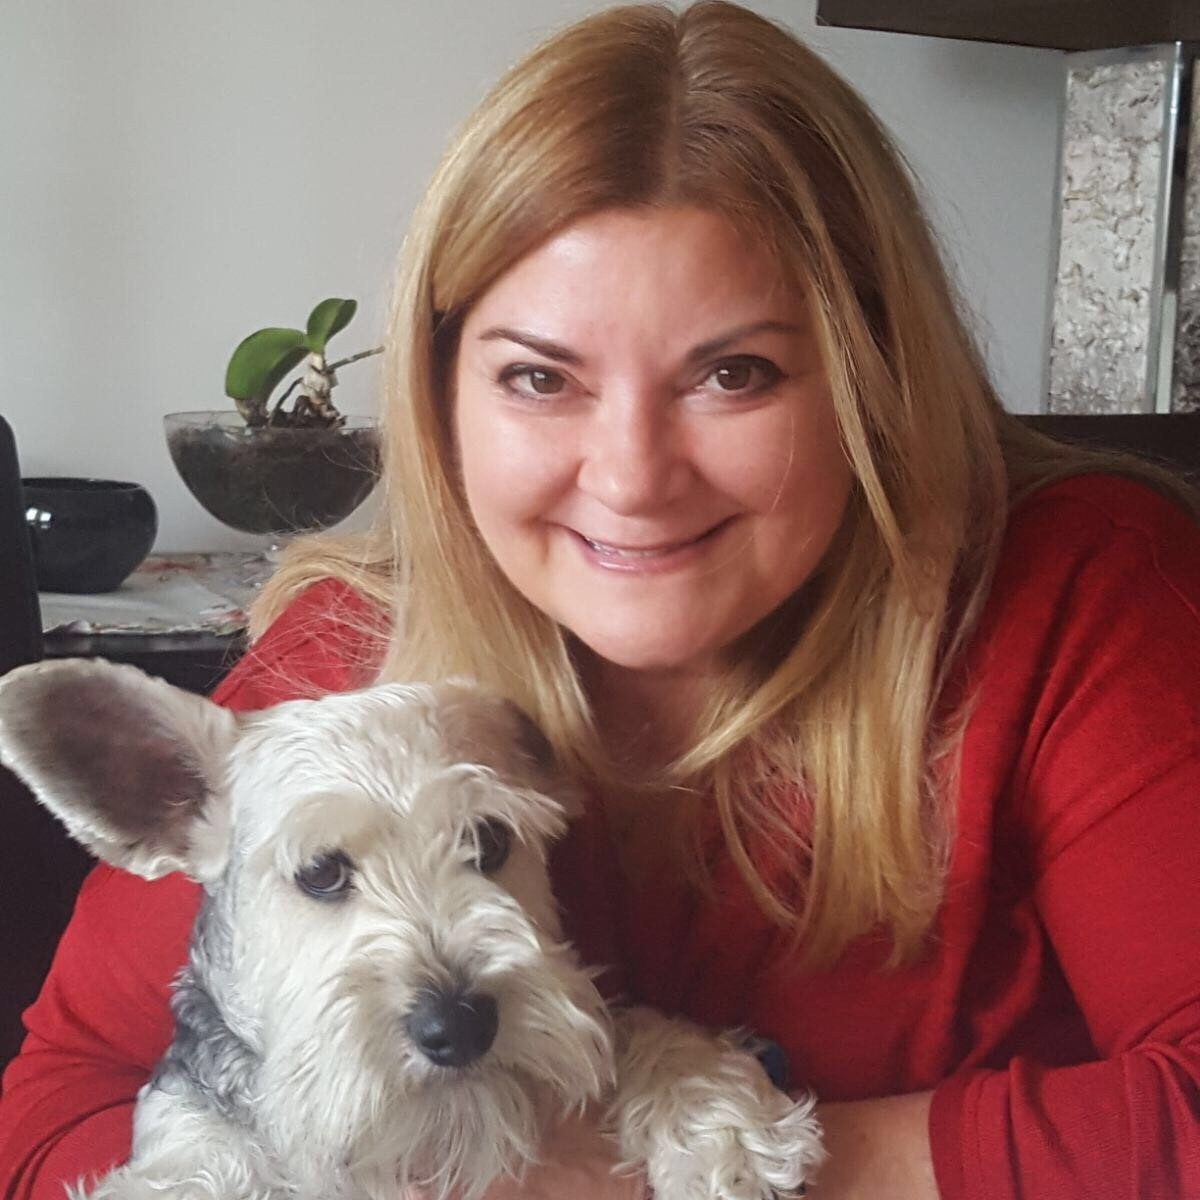 Robin E.'s dog day care